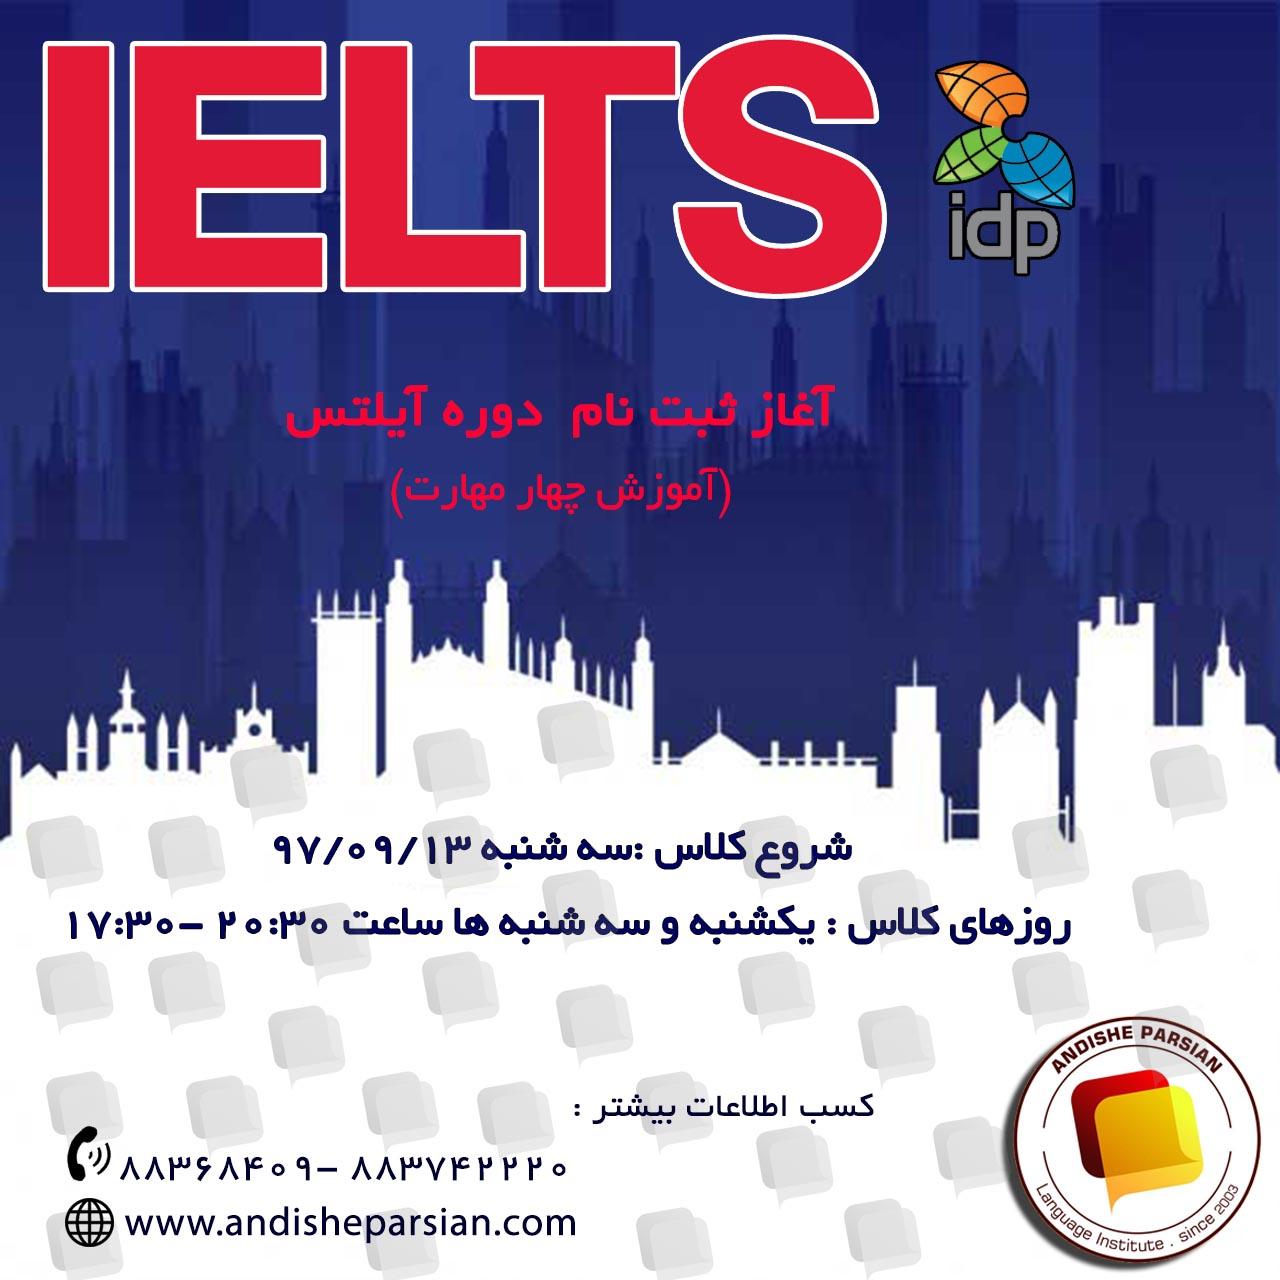 اندیشه پارسیان/IELTS